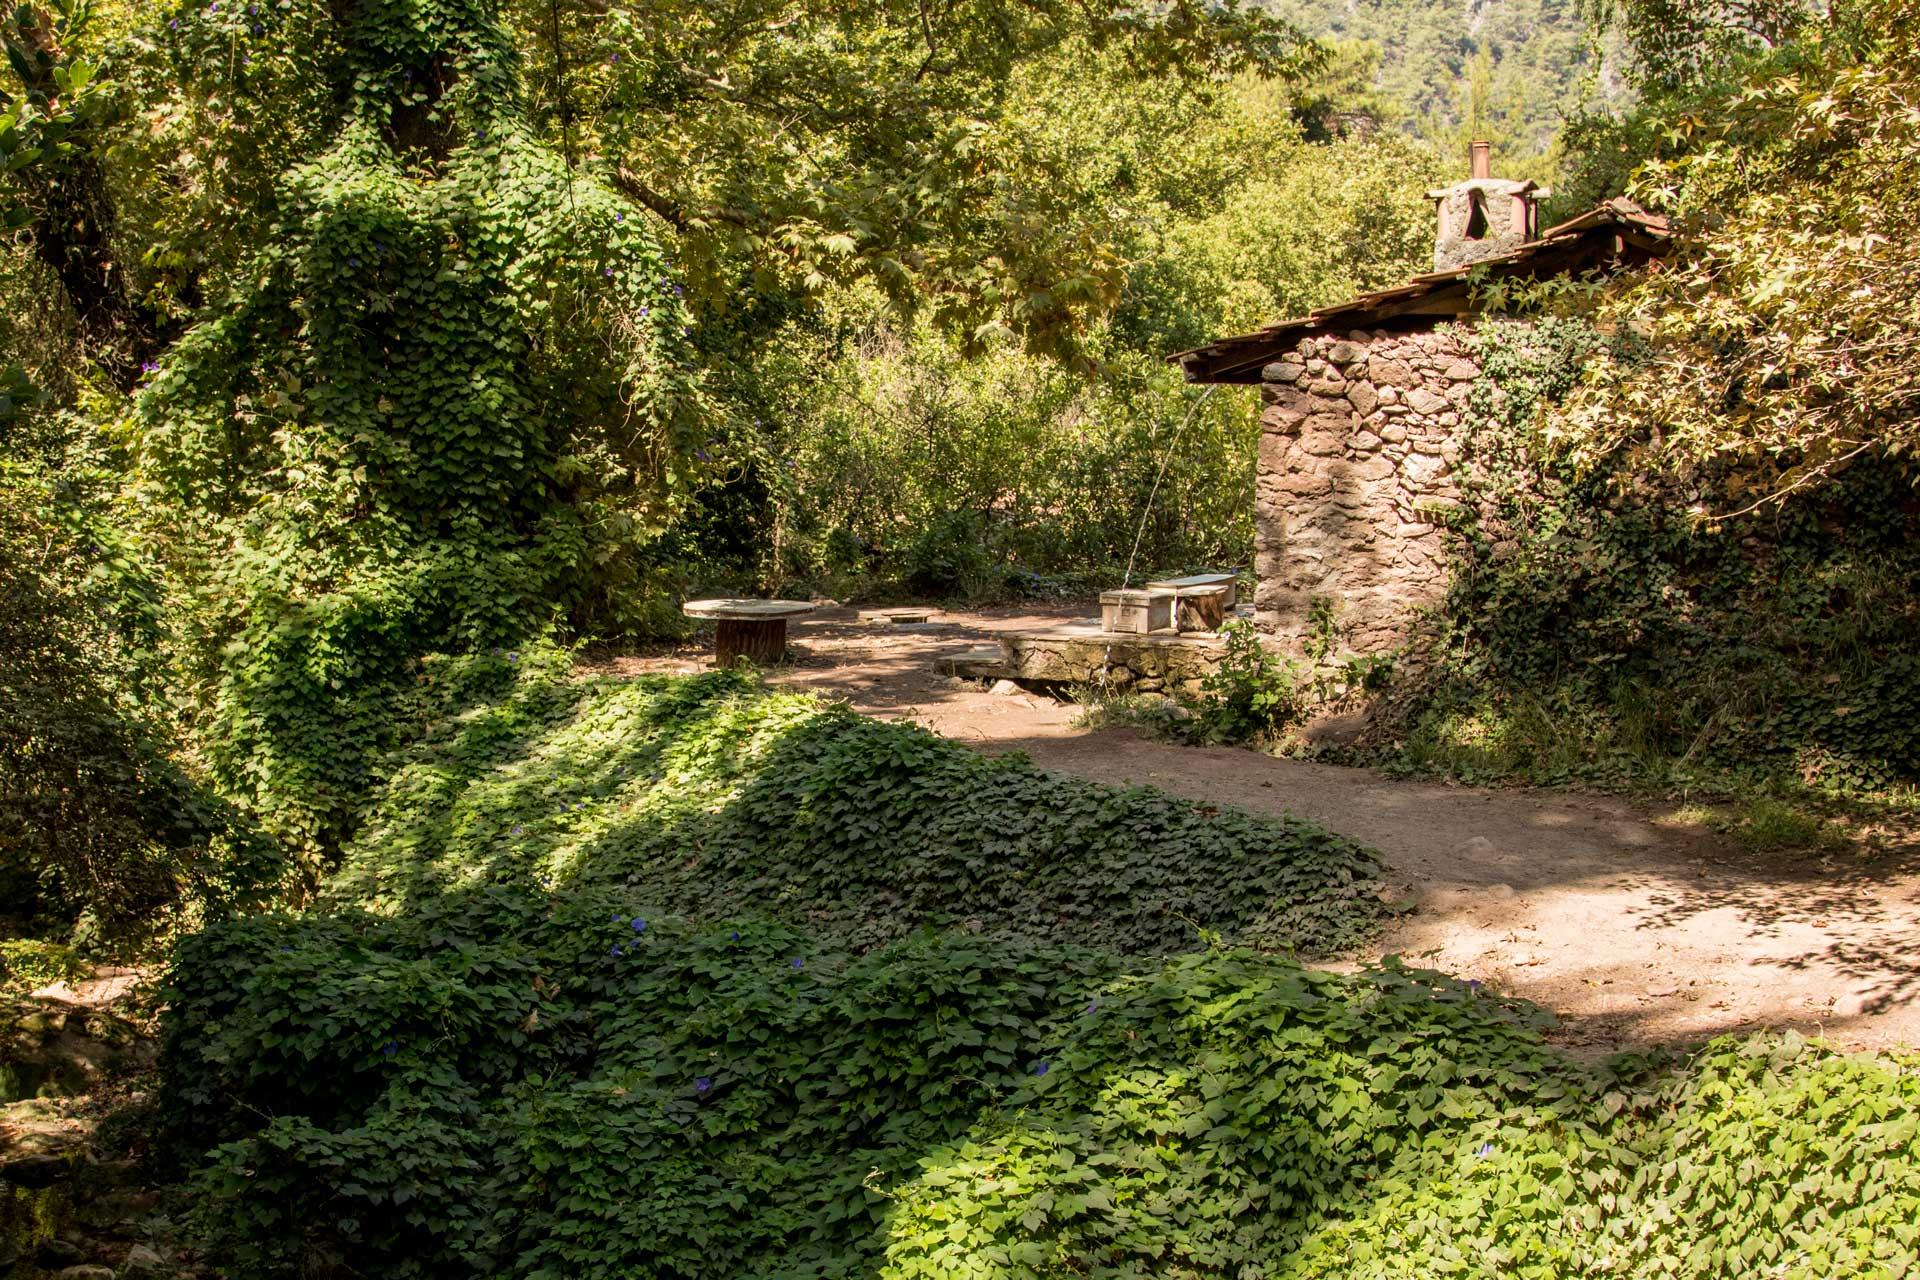 Turgut Şelalesi Fotoğrafları Marmaris Muğla Çekergezer Hakan Aydın Fotoğrafları Gezgin Fotoğrafçı www.cekergezer.com www.cekergezer.com